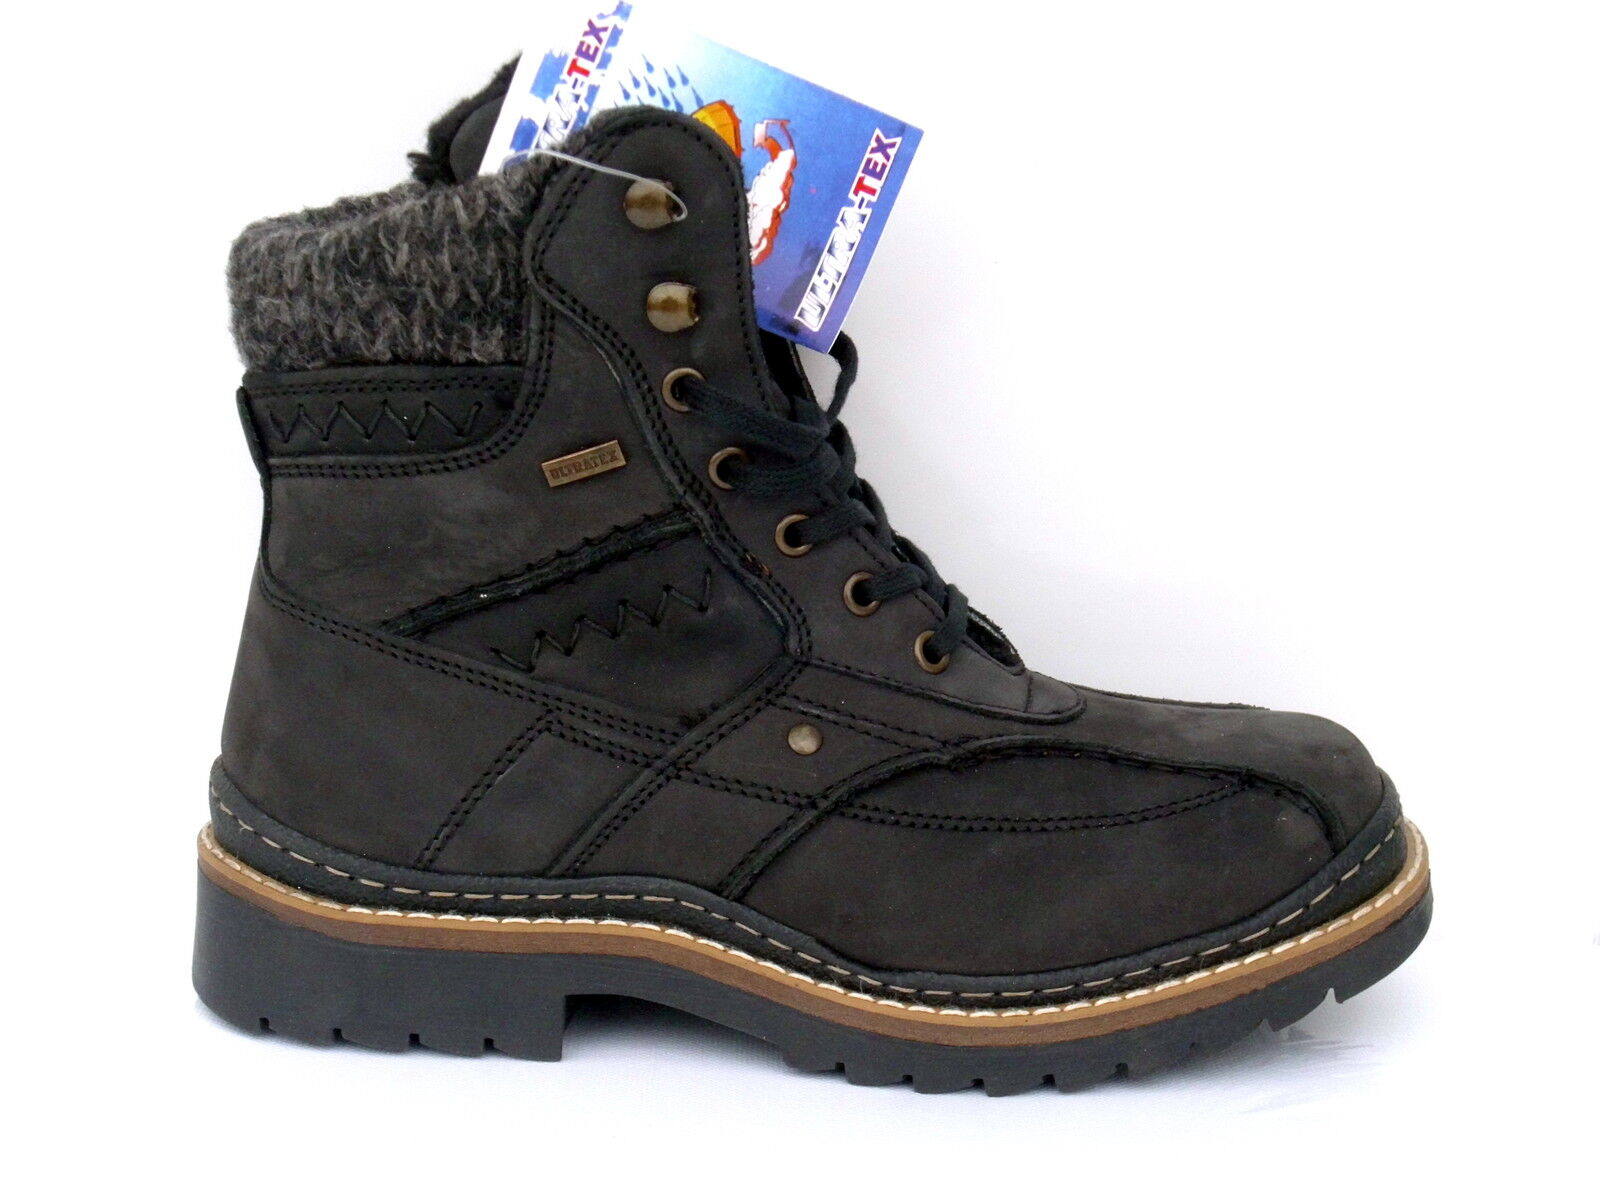 Klondike Klondike Klondike zapatos señora botas botines botas de invierno, talla 41, nuevo +++ +++  ventas en linea